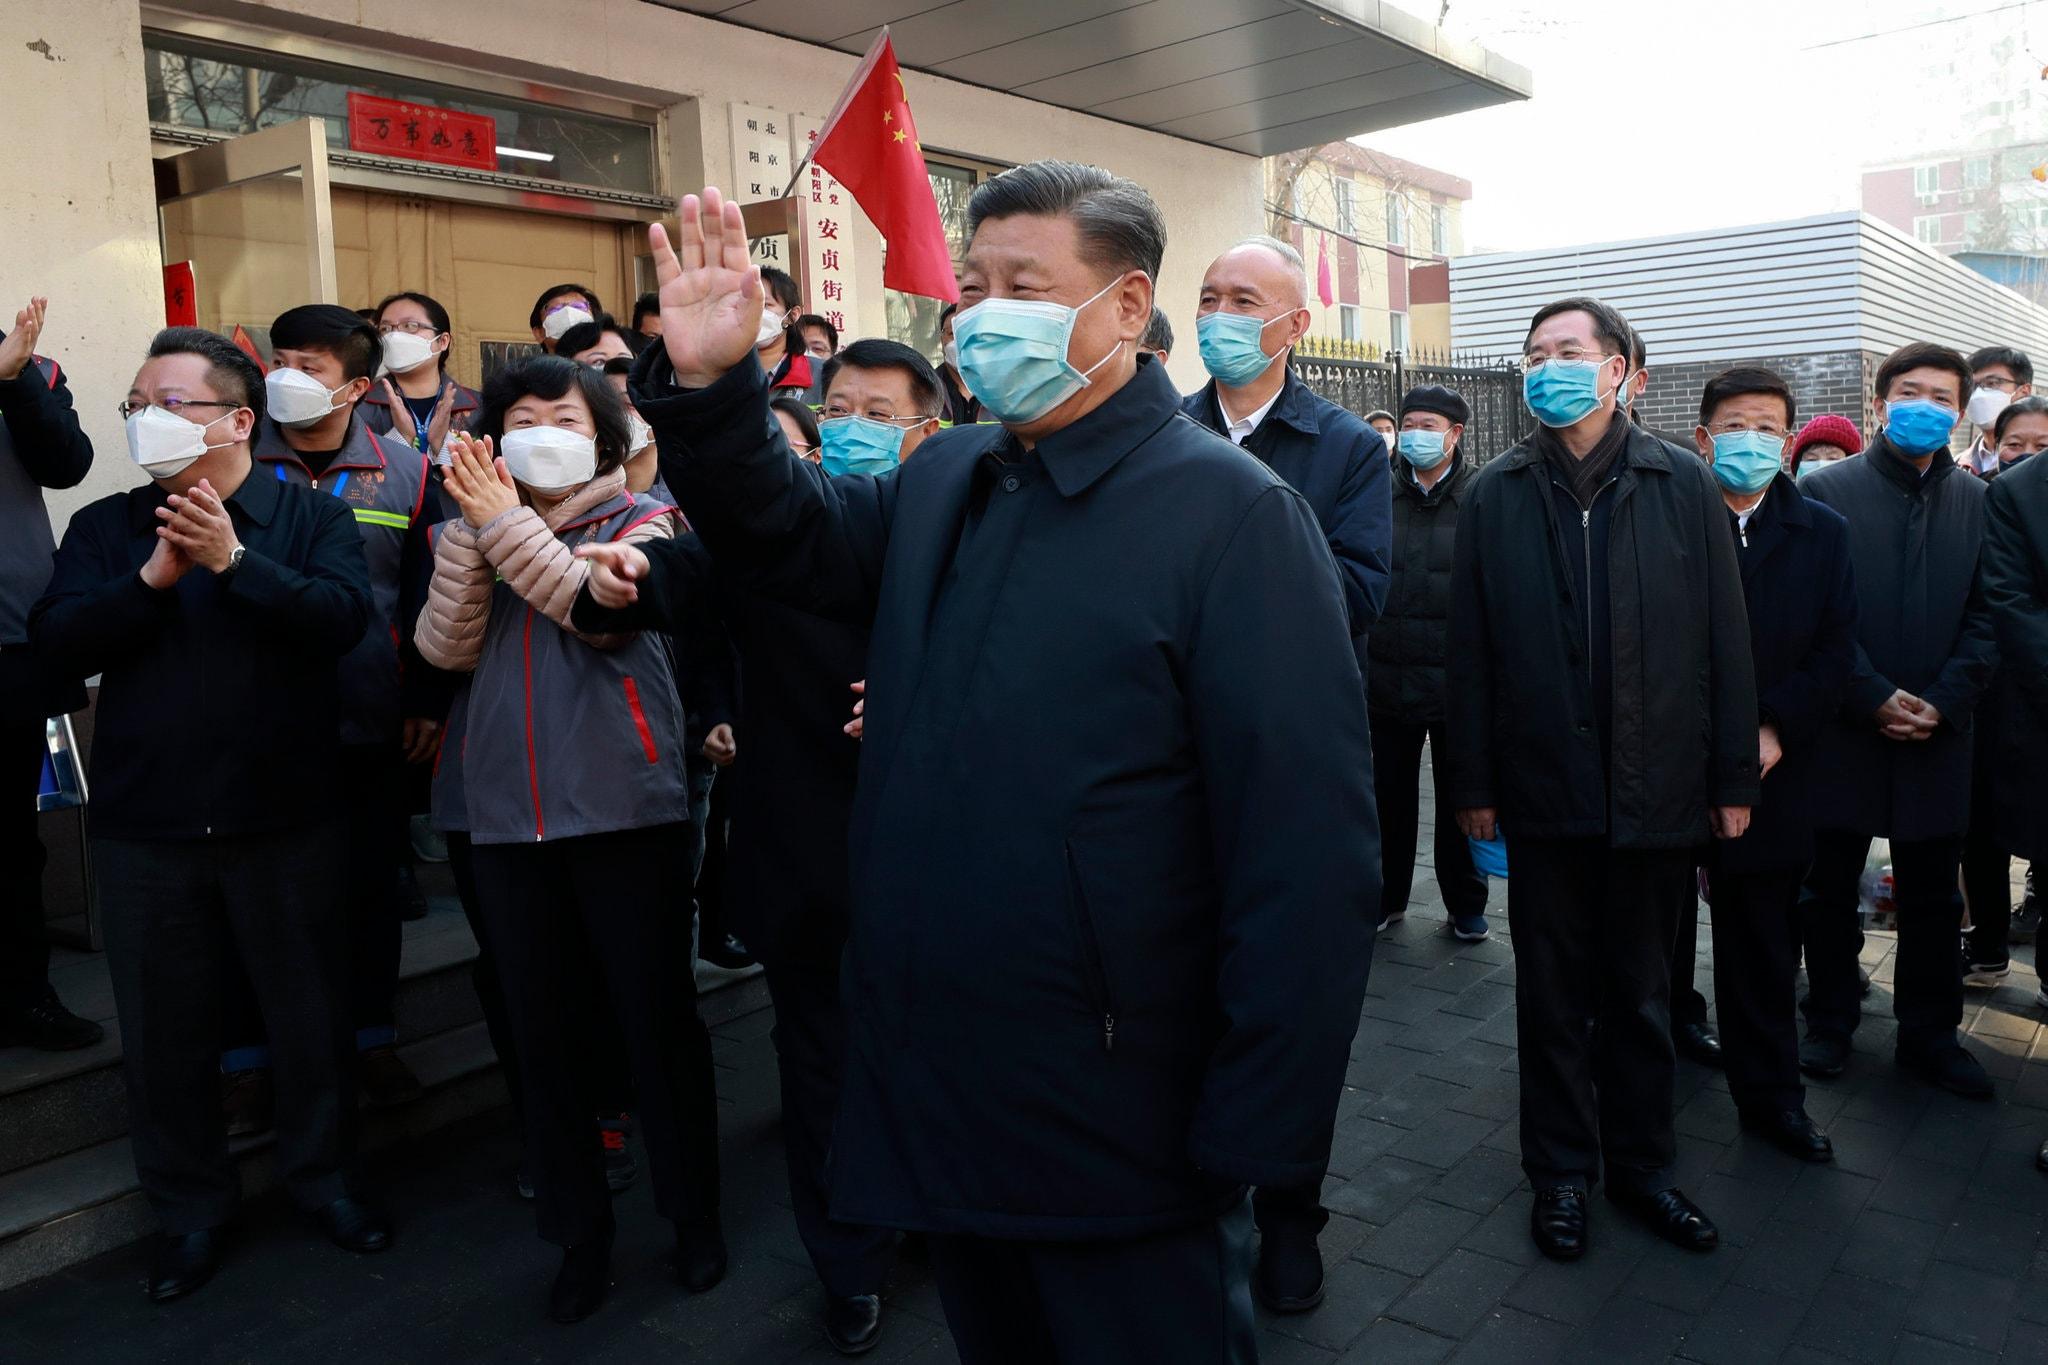 Efectul coronavirusului: Trei scenarii prin care epidemia poate răsturna regimul din China